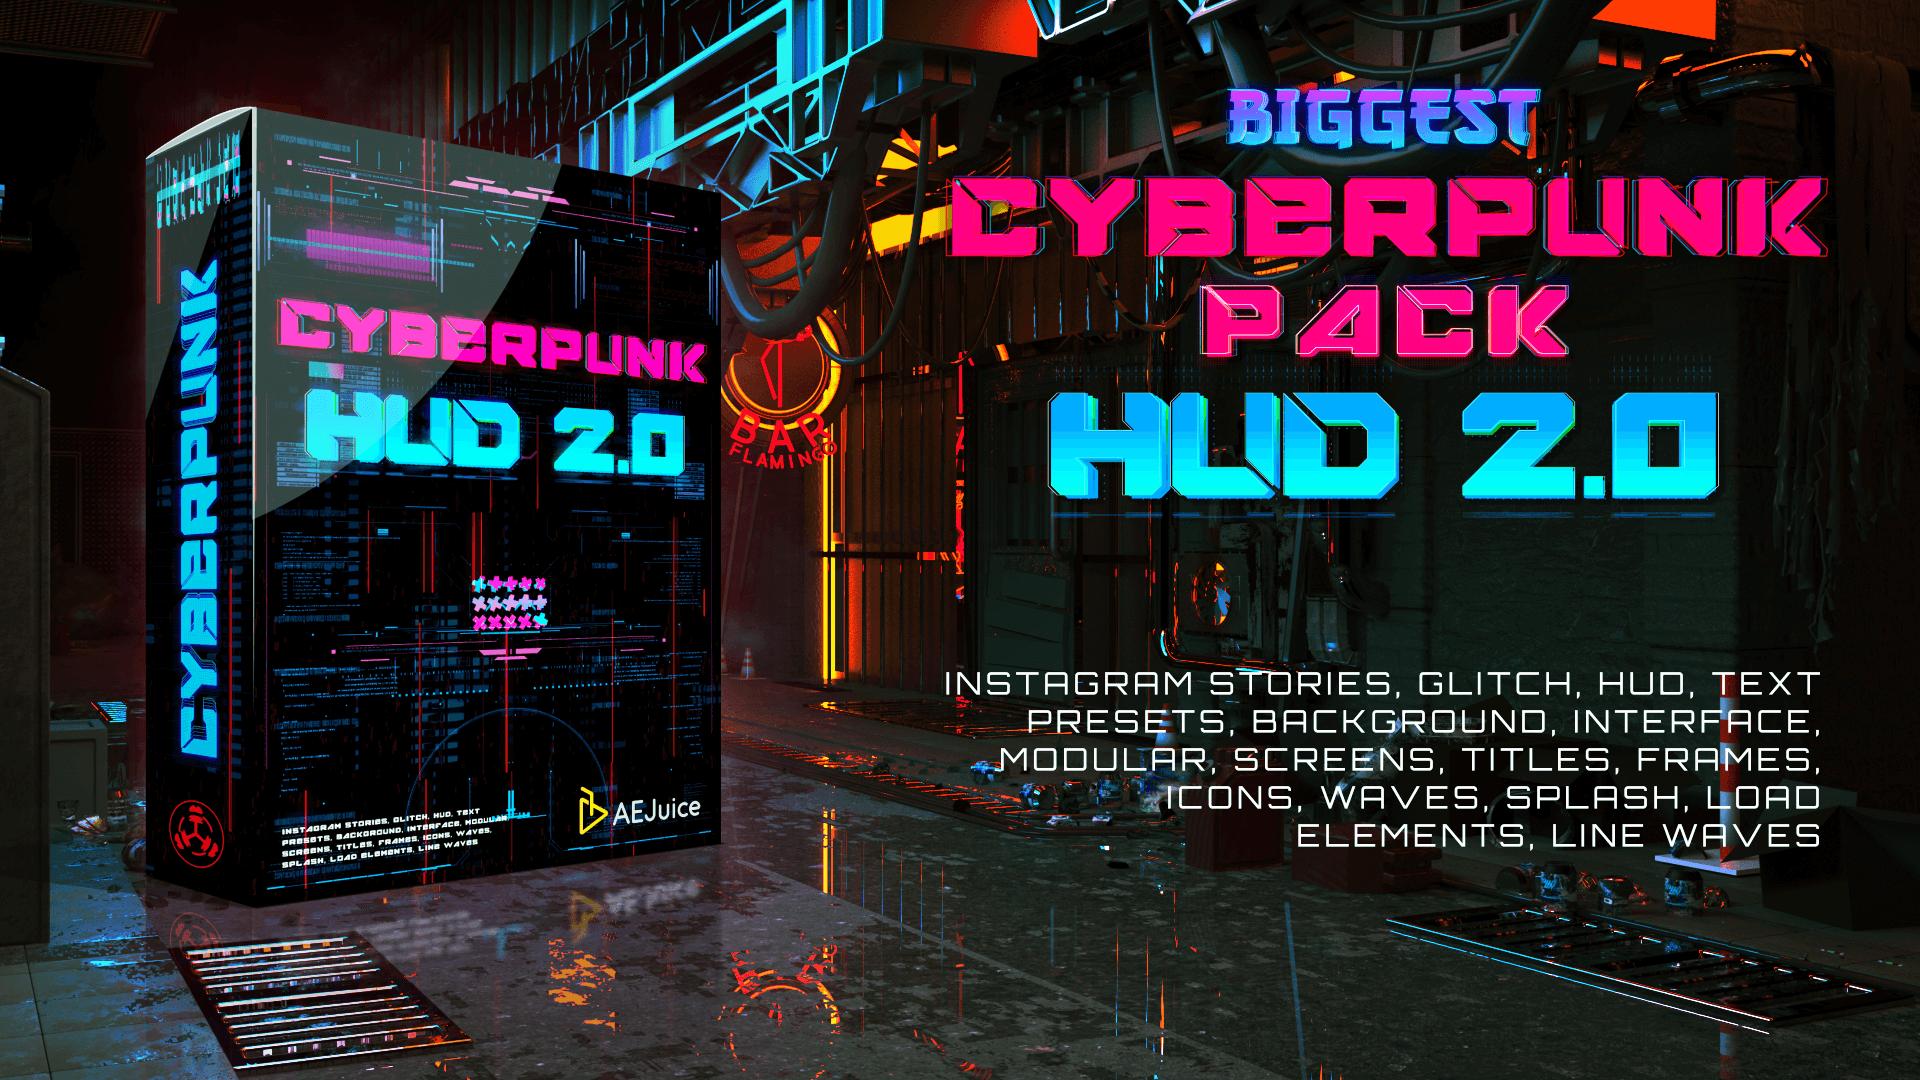 Cyberpunk HUD 2